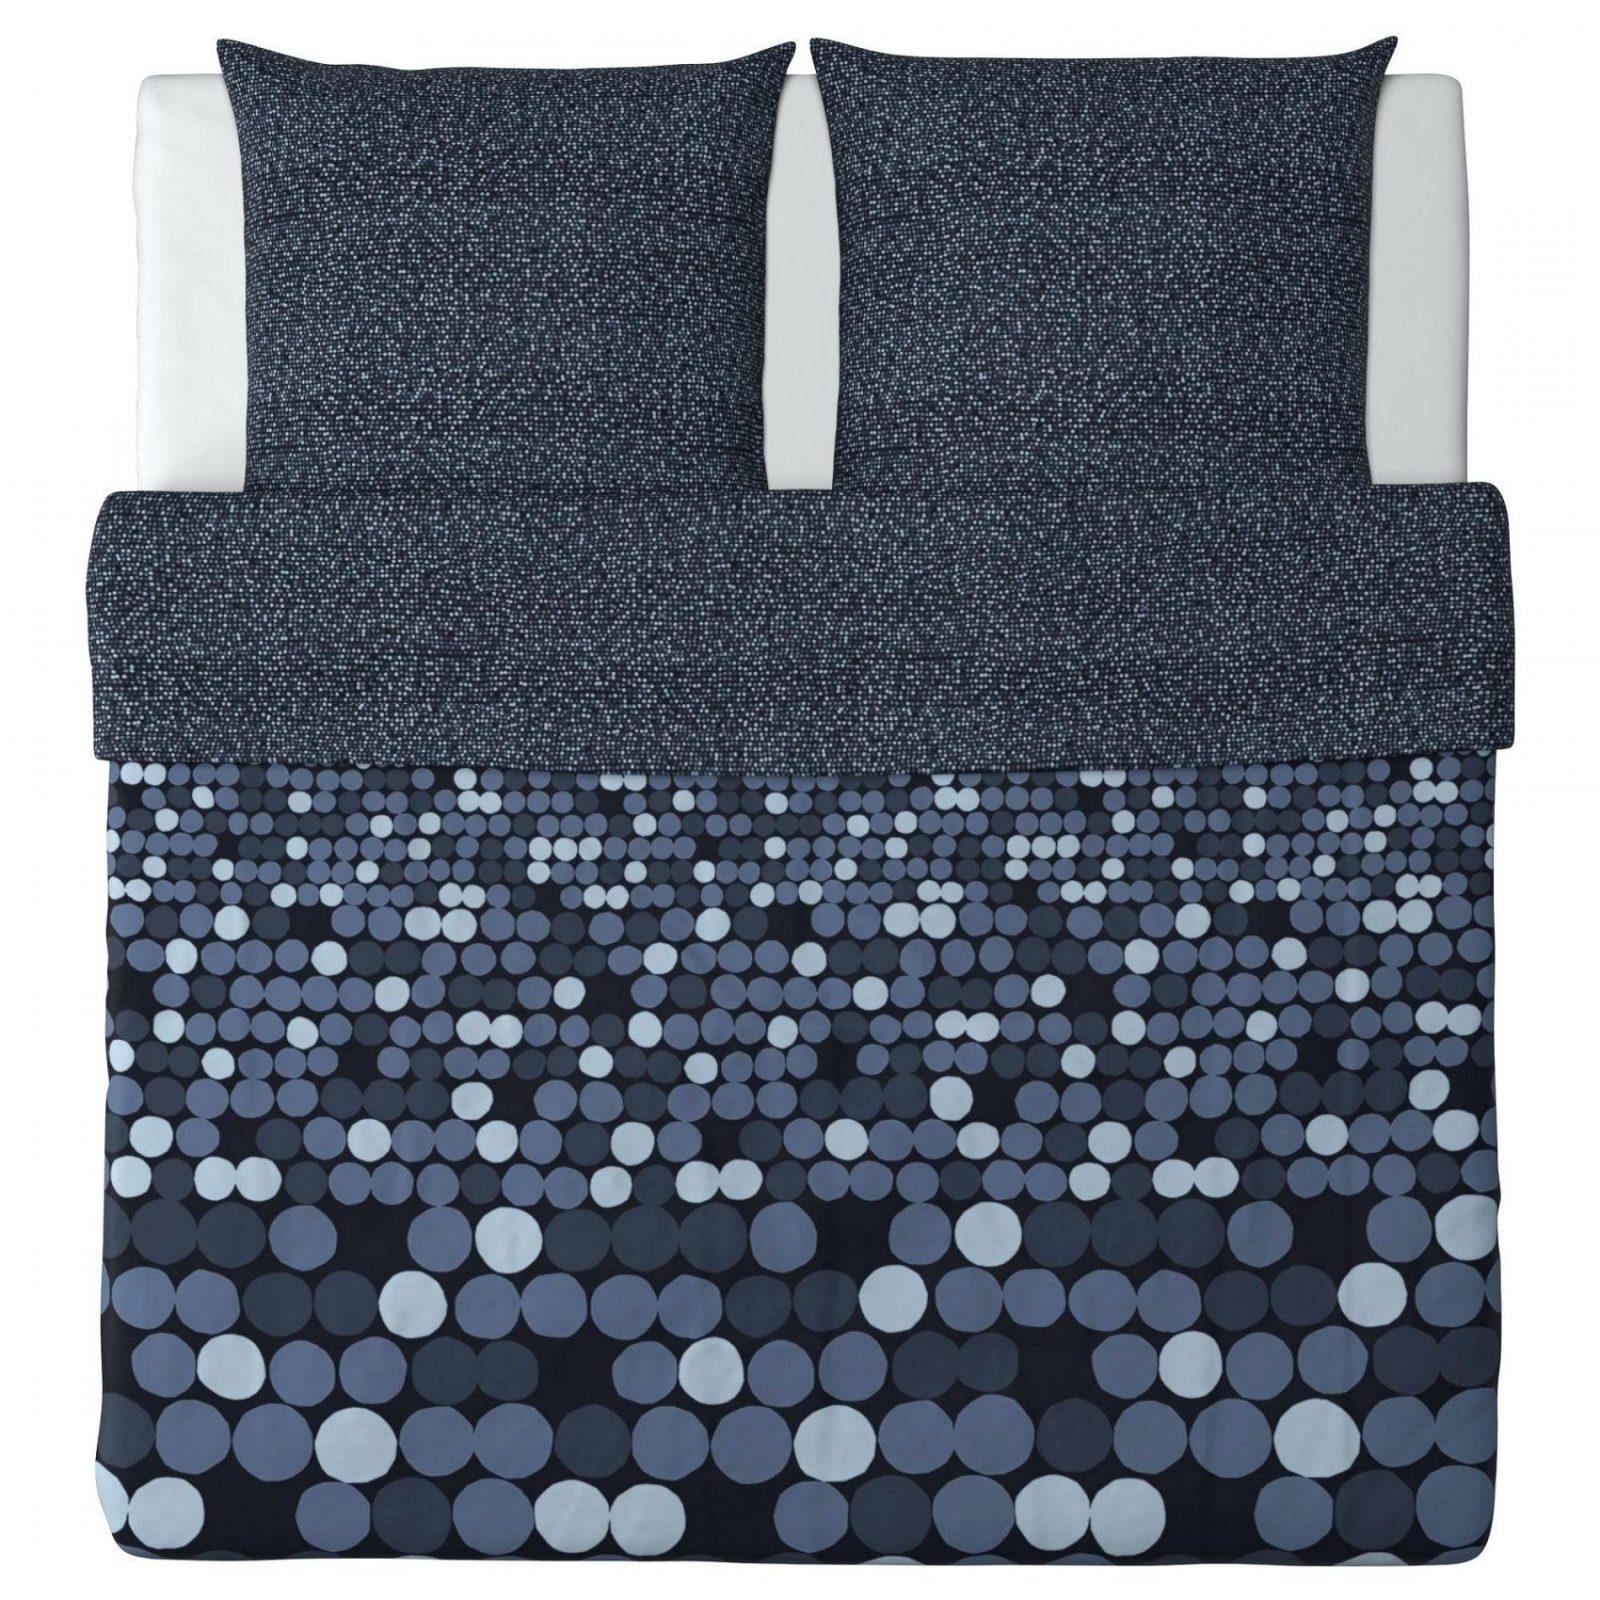 Ikea Bettwasche 200×220 Bettwaesche – Andaluciapeople von Bettwäsche 200X220 Ikea Bild